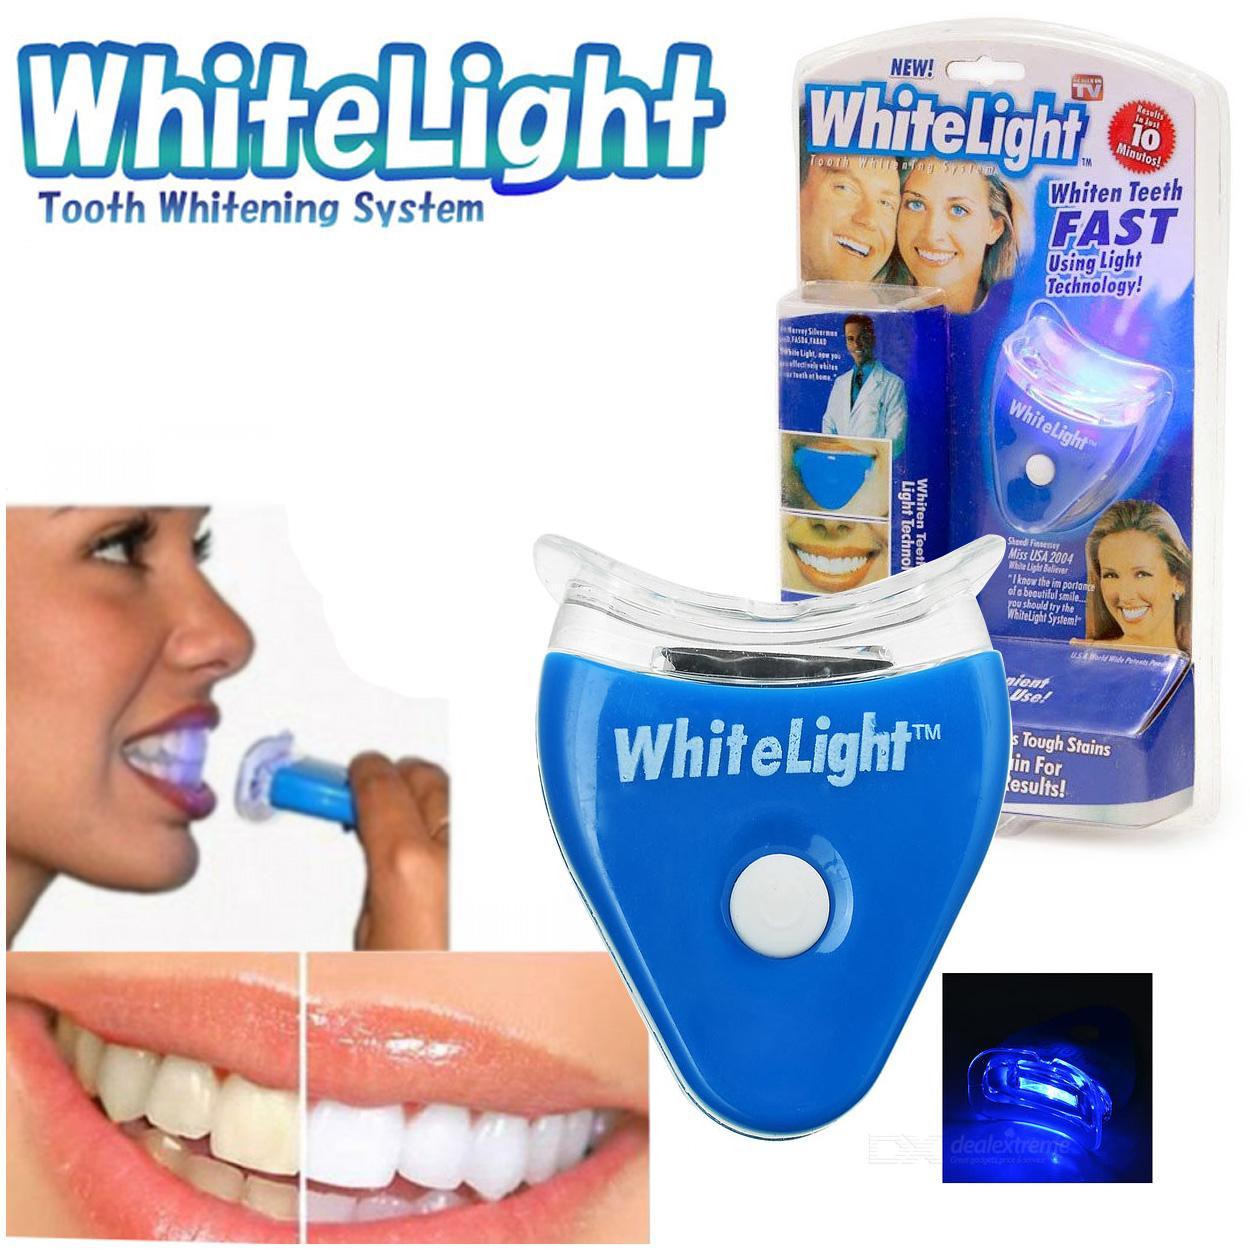 Teeth Whitening brands - Teeth Bleaching on sale ece00d8ded